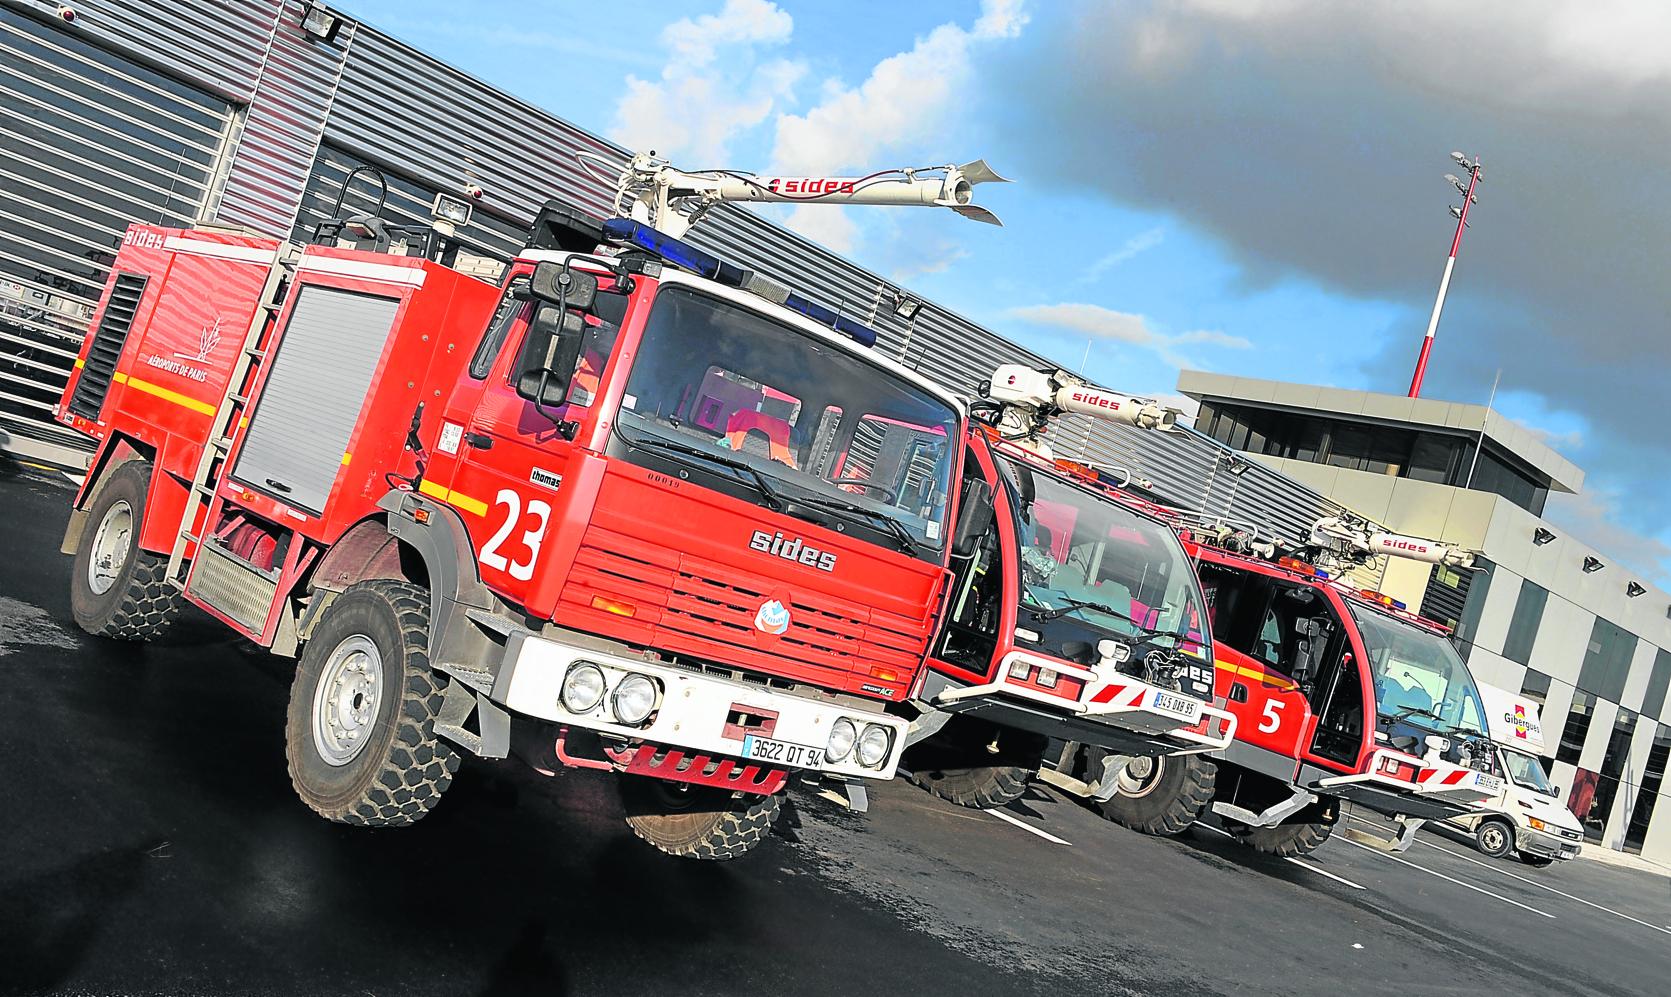 L 39 am ricain utc envisage la vente des camions de pompiers sides - Vente camion pompier ...